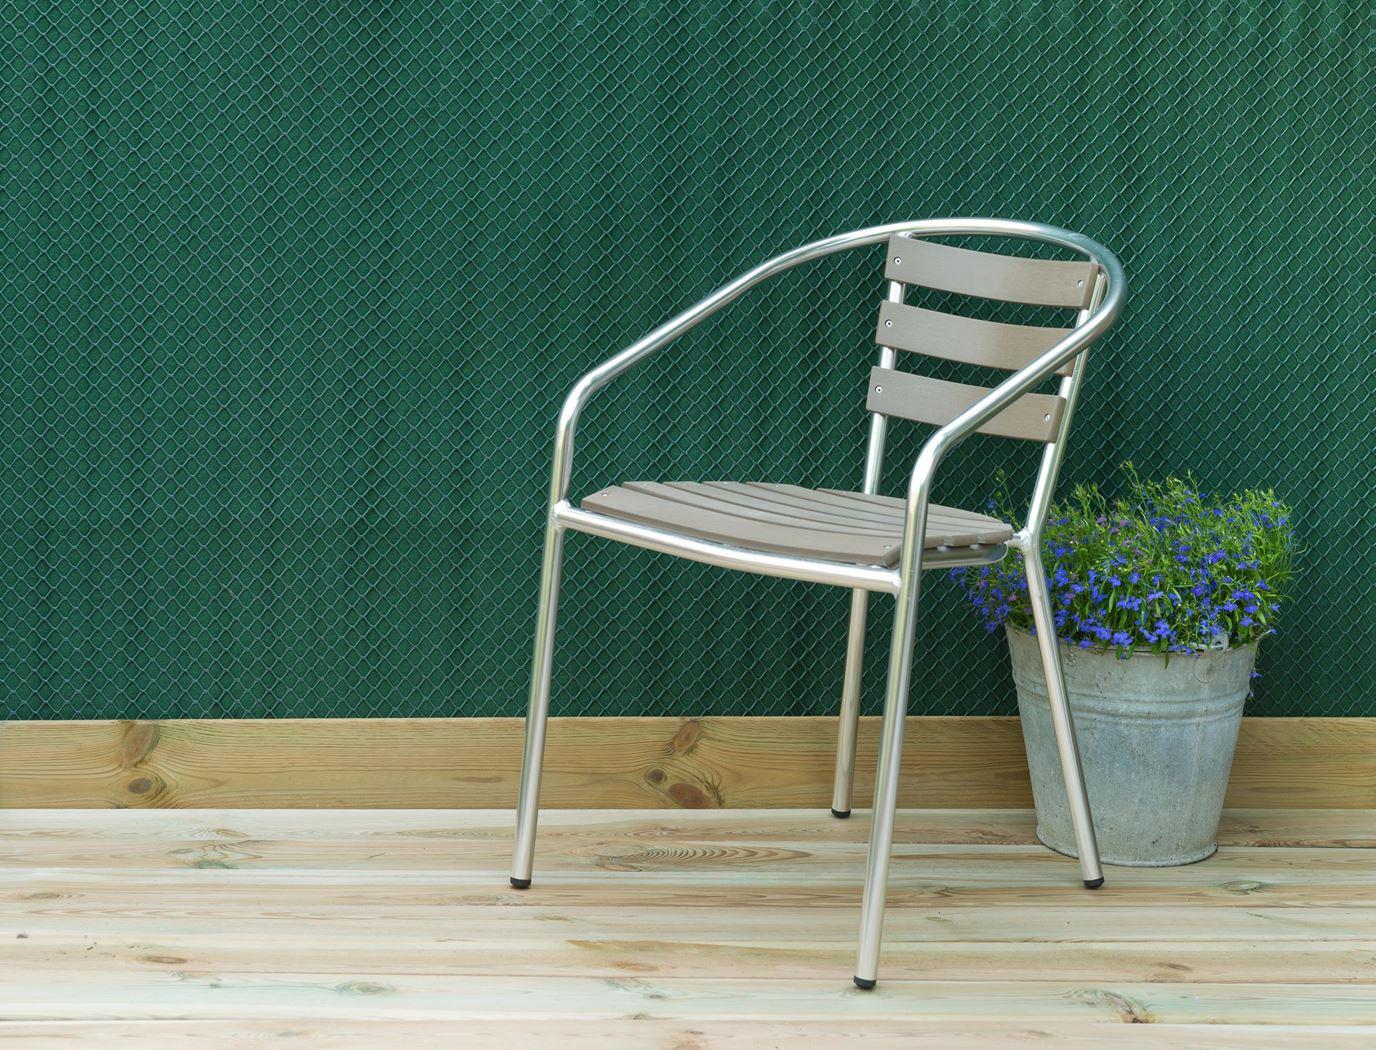 nature-wind-en-zichtbreek-tuinscherm-met-bevestigingsset-duo-van-kunststofgaas-en-textiel-groen